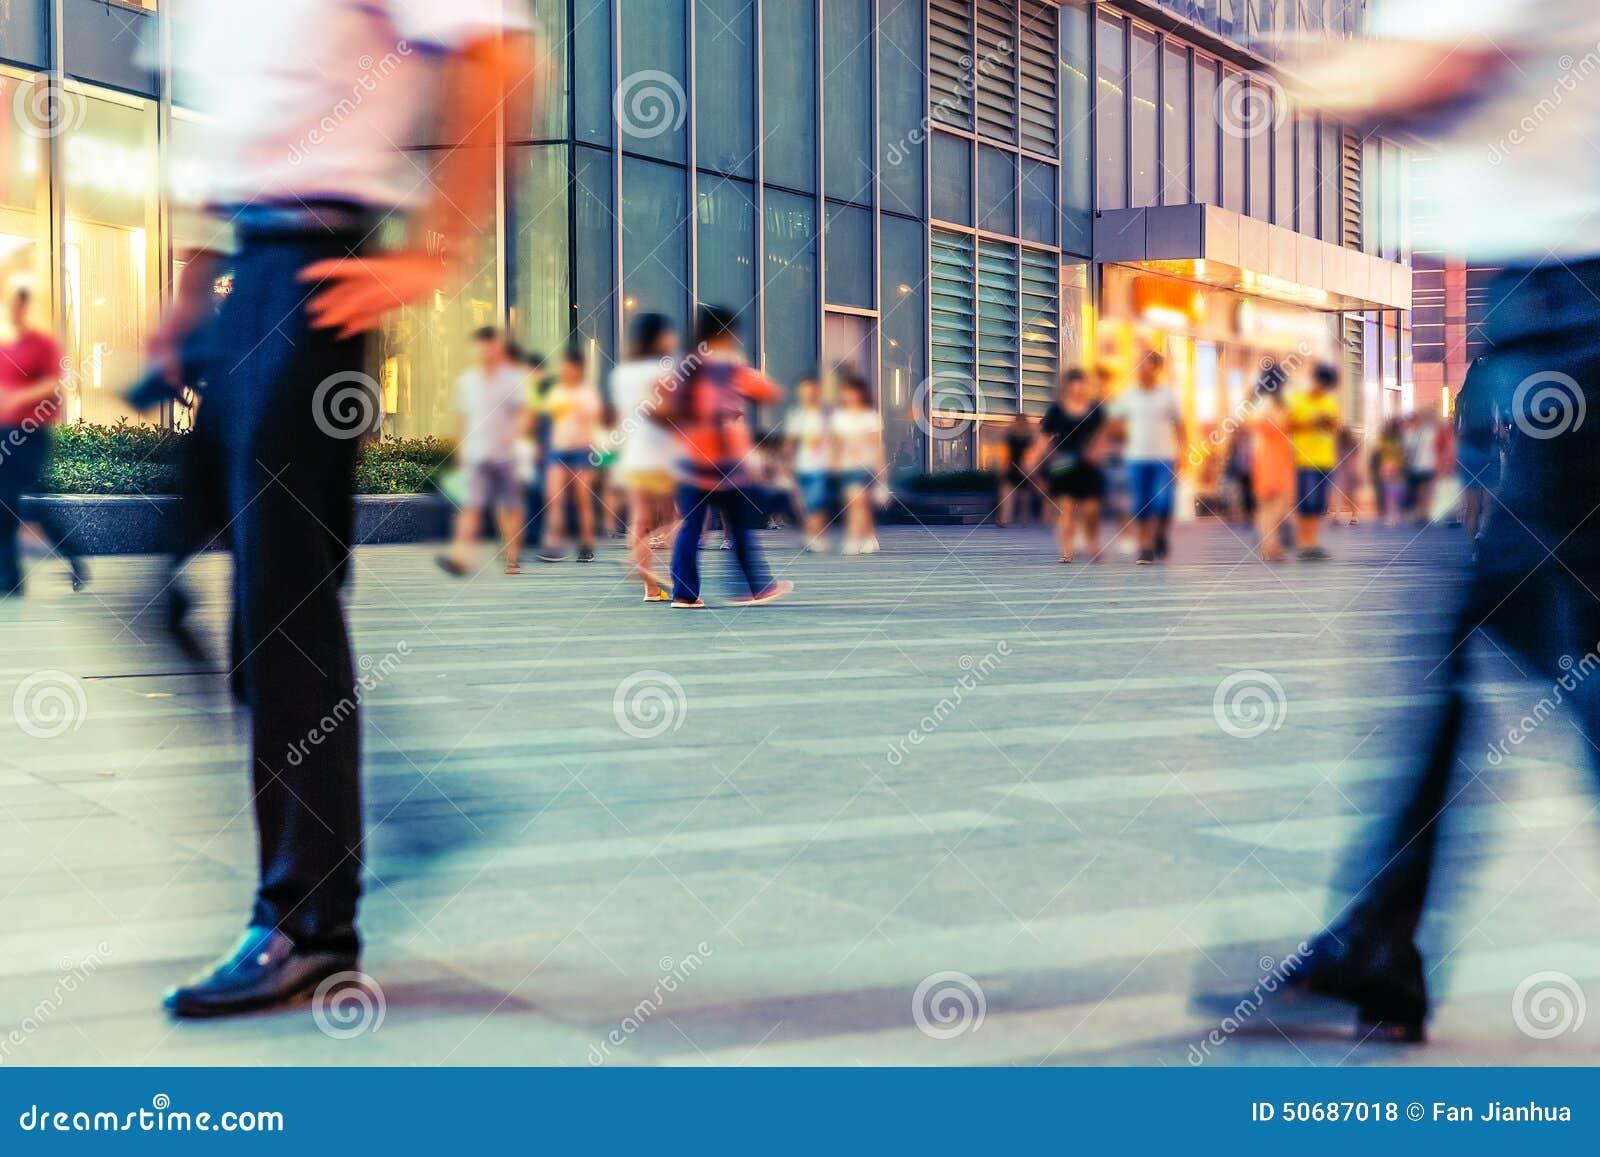 Download 城市商业街和游人 库存照片. 图片 包括有 商业, 布琼布拉, 购物, 城市, 游人, 步行者, 迅速地 - 50687018